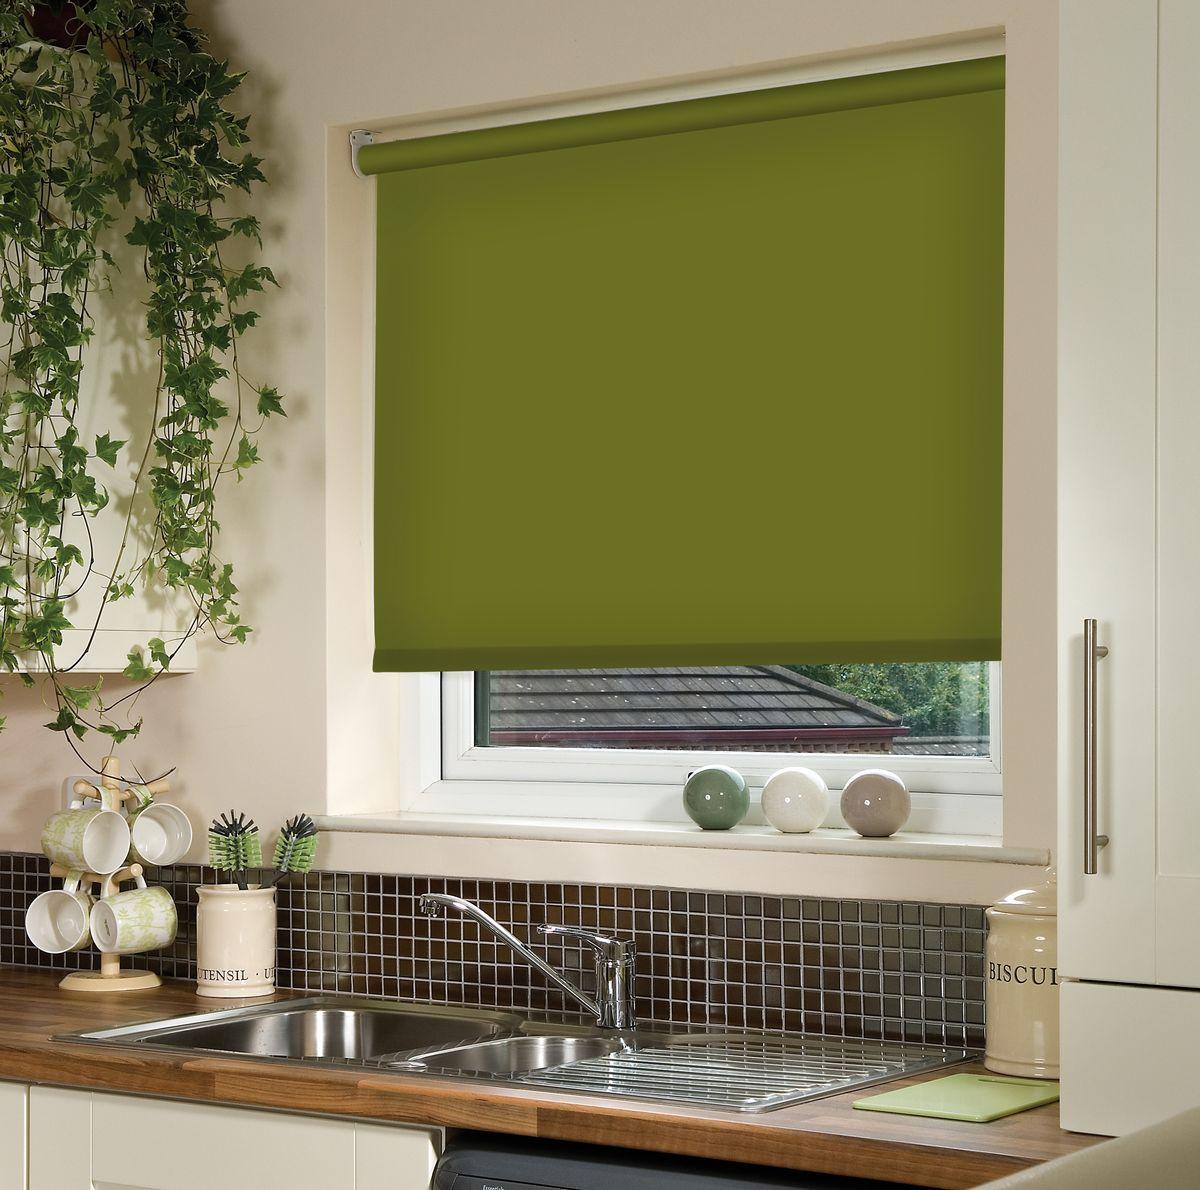 Штора рулонная Эскар, цвет: темно-оливковый, ширина 120 см, высота 170 см81018120170Рулонными шторами можно оформлять окна как самостоятельно, так и использовать в комбинации с портьерами. Это поможет предотвратить выгорание дорогой ткани на солнце и соединит функционал рулонных с красотой навесных. Преимущества применения рулонных штор для пластиковых окон: - имеют прекрасный внешний вид: многообразие и фактурность материала изделия отлично смотрятся в любом интерьере; - многофункциональны: есть возможность подобрать шторы способные эффективно защитить комнату от солнца, при этом она не будет слишком темной. - Есть возможность осуществить быстрый монтаж. ВНИМАНИЕ! Размеры ширины изделия указаны по ширине ткани! Во время эксплуатации не рекомендуется полностью разматывать рулон, чтобы не оторвать ткань от намоточного вала. В случае загрязнения поверхности ткани, чистку шторы проводят одним из способов, в зависимости от типа загрязнения: легкое поверхностное загрязнение можно удалить при помощи канцелярского ластика; чистка от пыли производится сухим методом при...